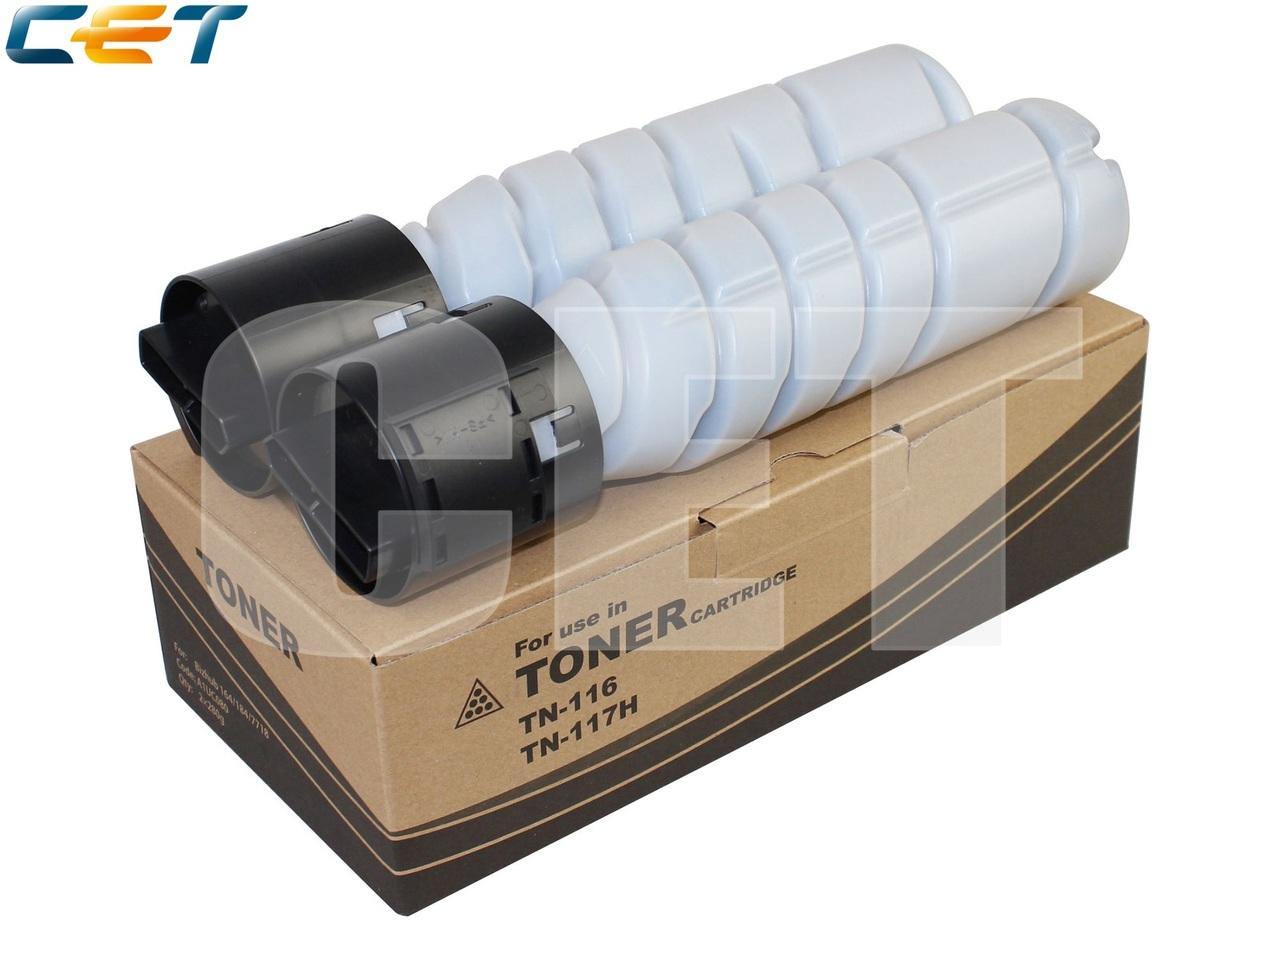 Тонер-картридж TN-116/TN-117H/TN-118/TN-119 для KONICAMINOLTA Bizhub 164/184/195/215/235 (CET), 280г, 12000 стр.,CET6701